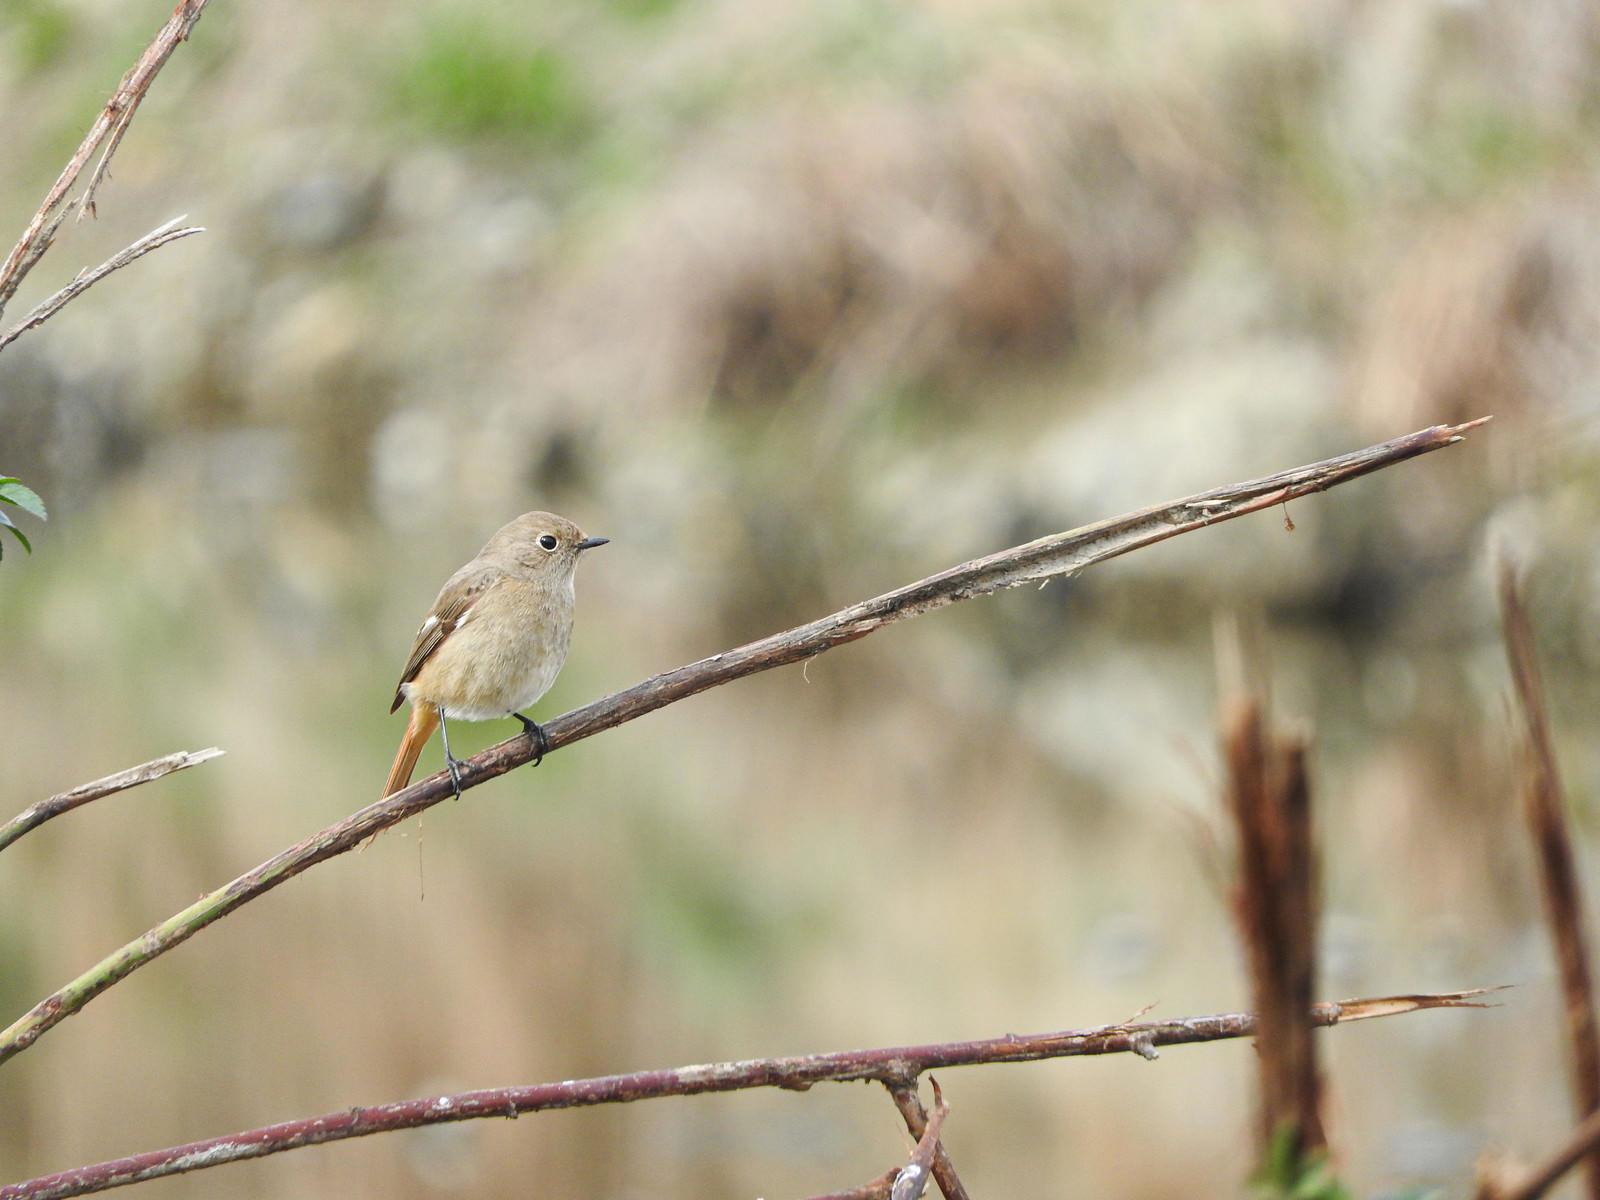 「枝に止まるジョウビタキのメス(野鳥)」の写真